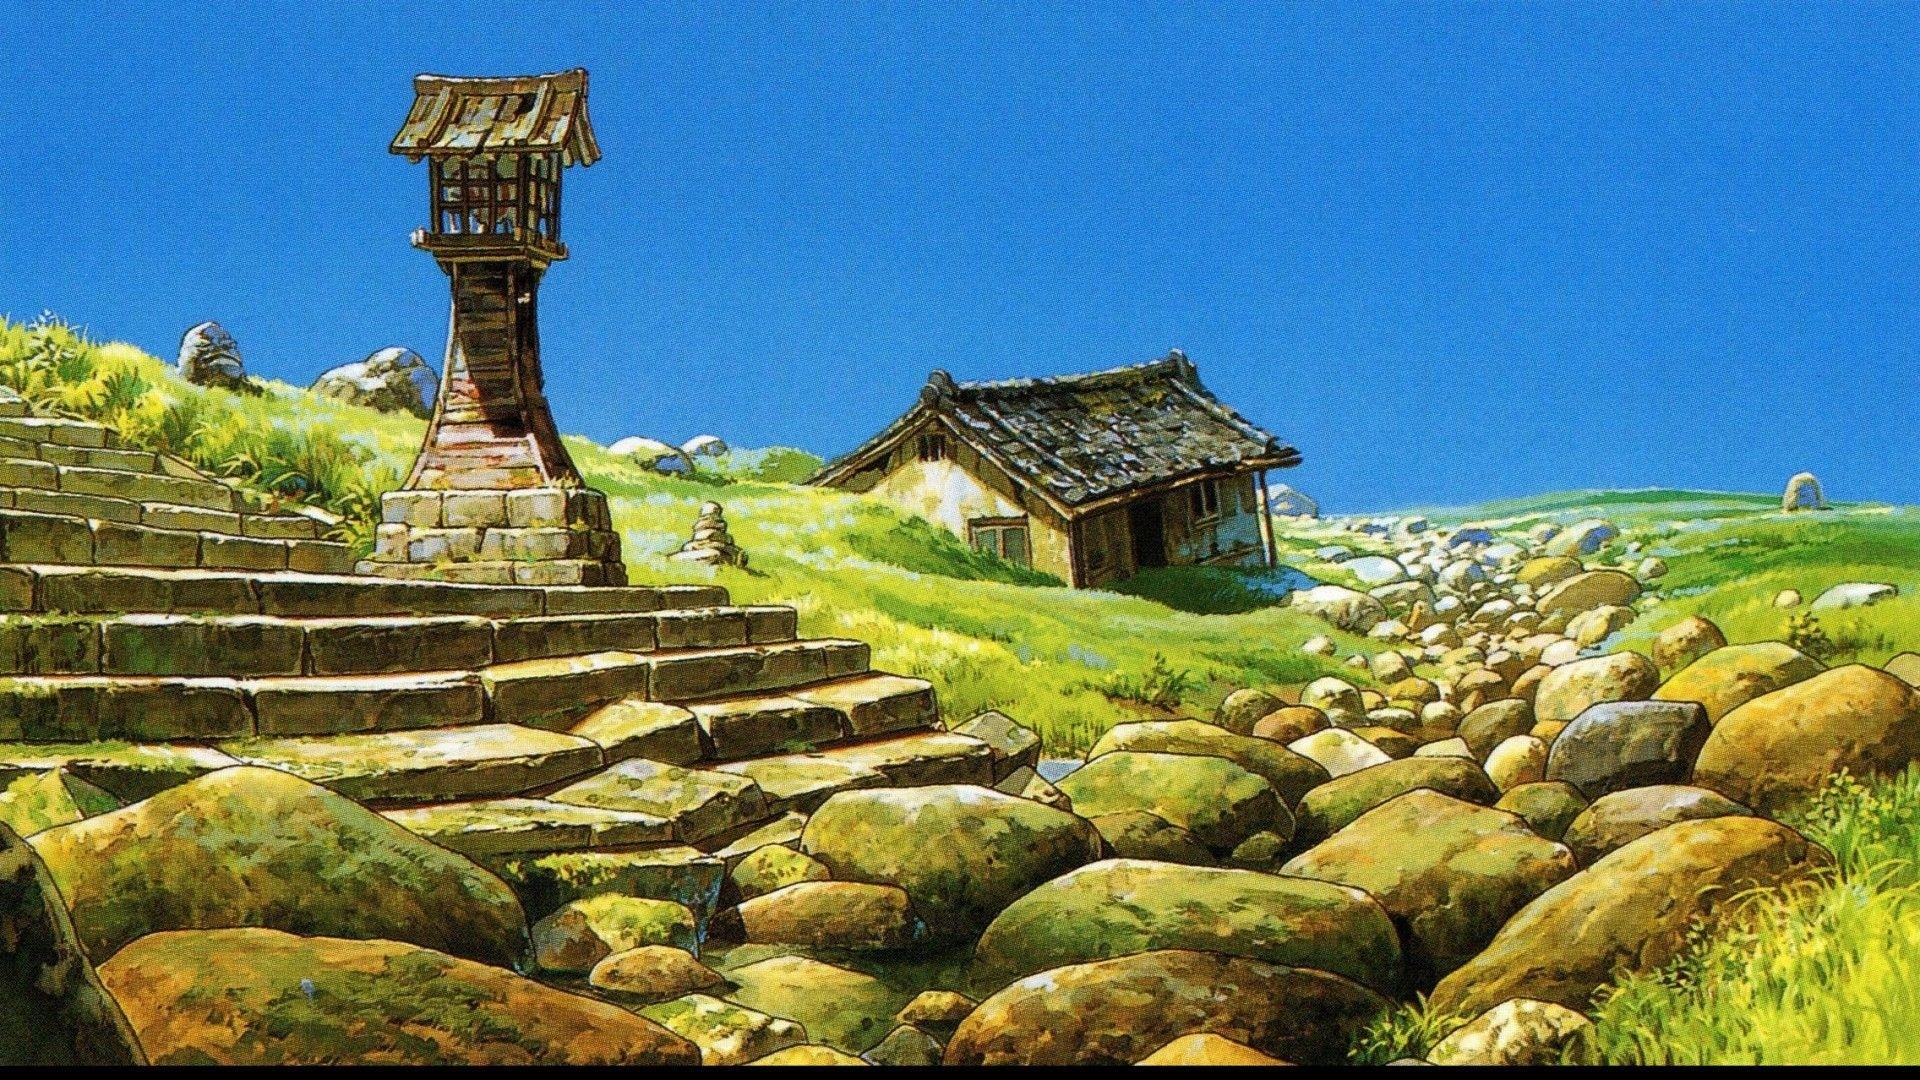 Ghibli HD Wallpaper